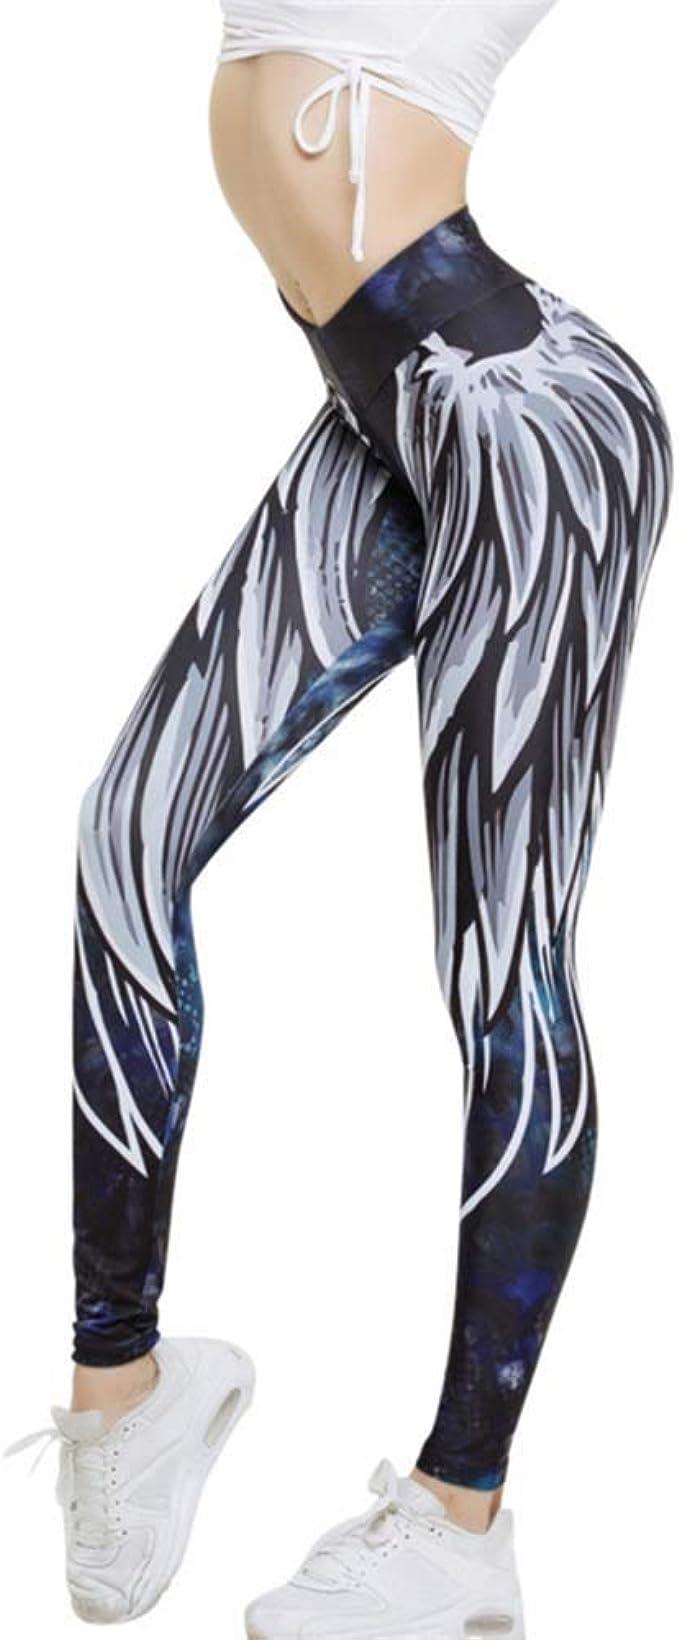 Amazon.com: iLUGU - Pantalones deportivos para mujer, con ...